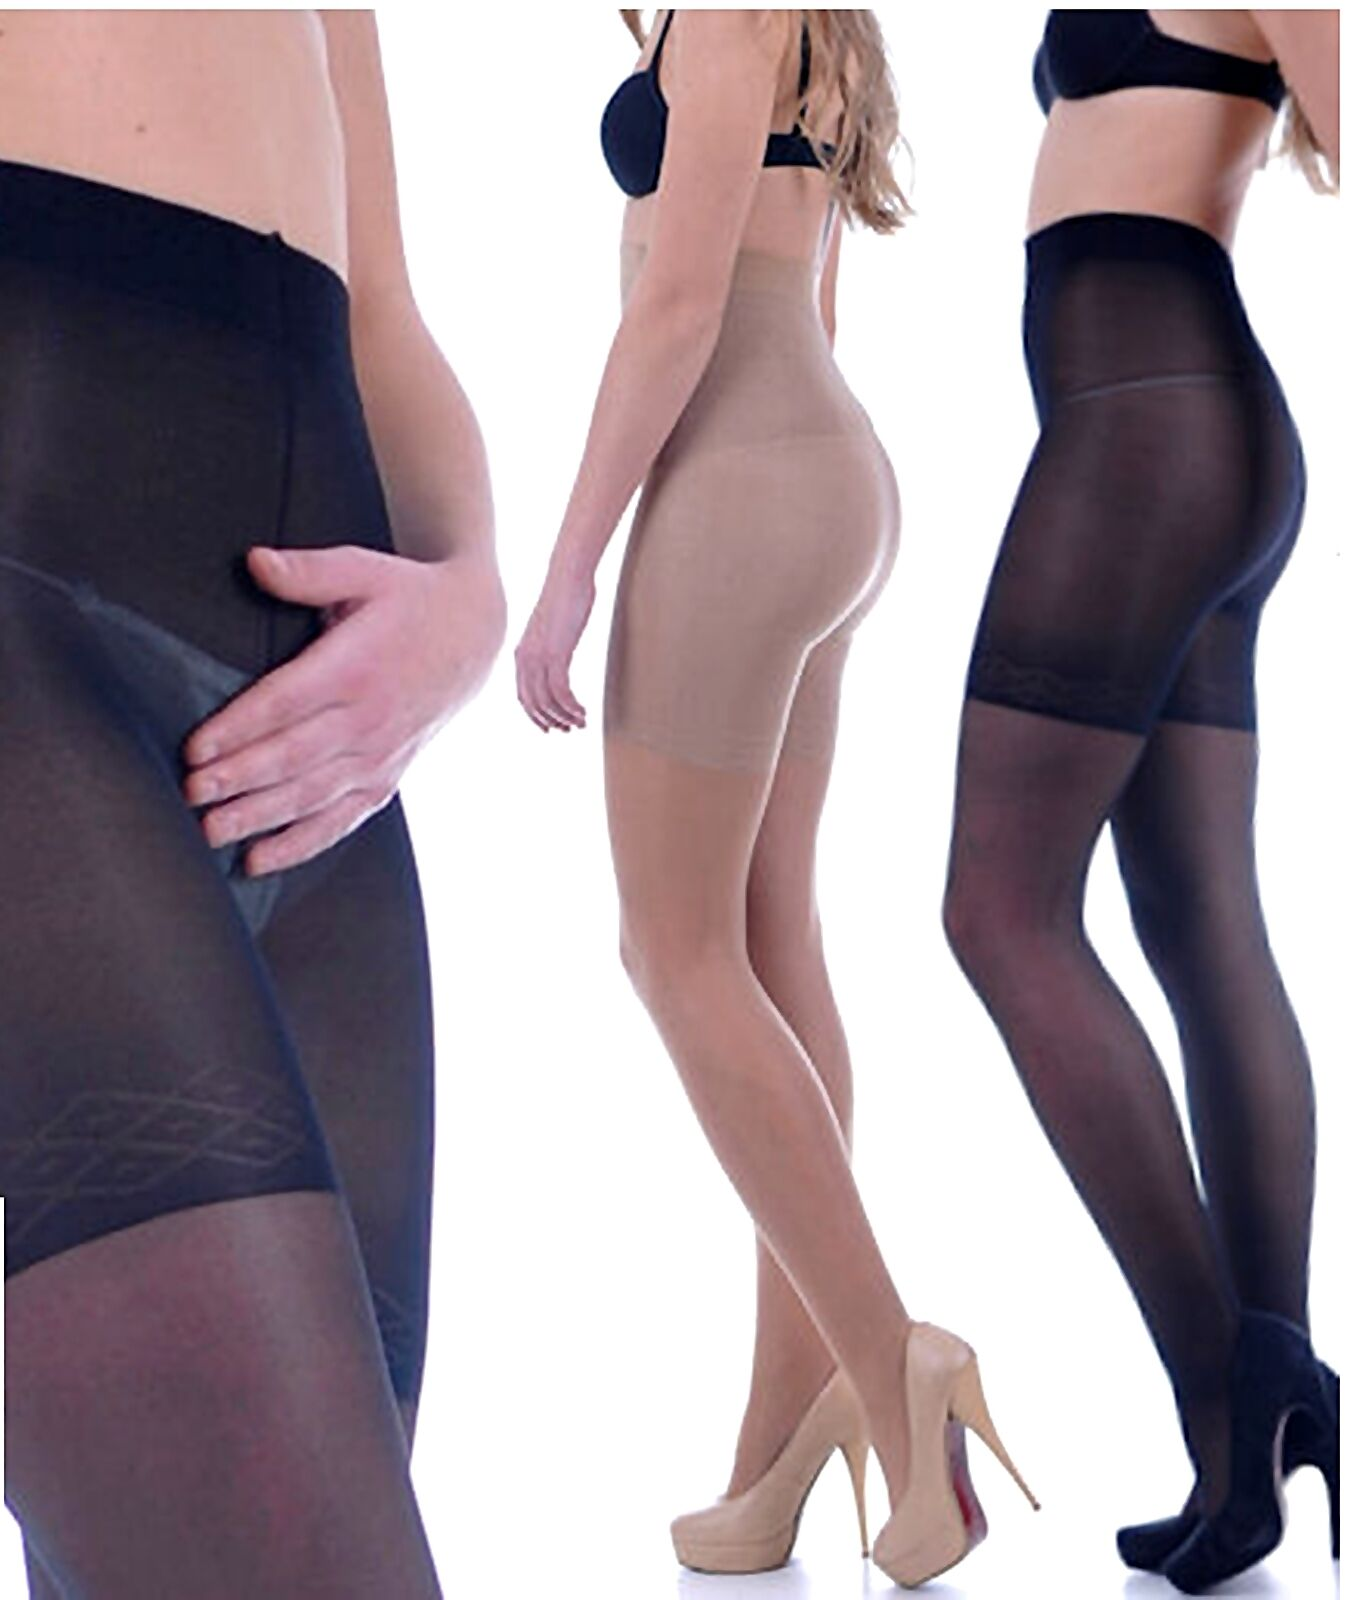 SLIM BODY figurformende Mieder-Strumpfhose 40 den schwarz oder beige Bauch weg